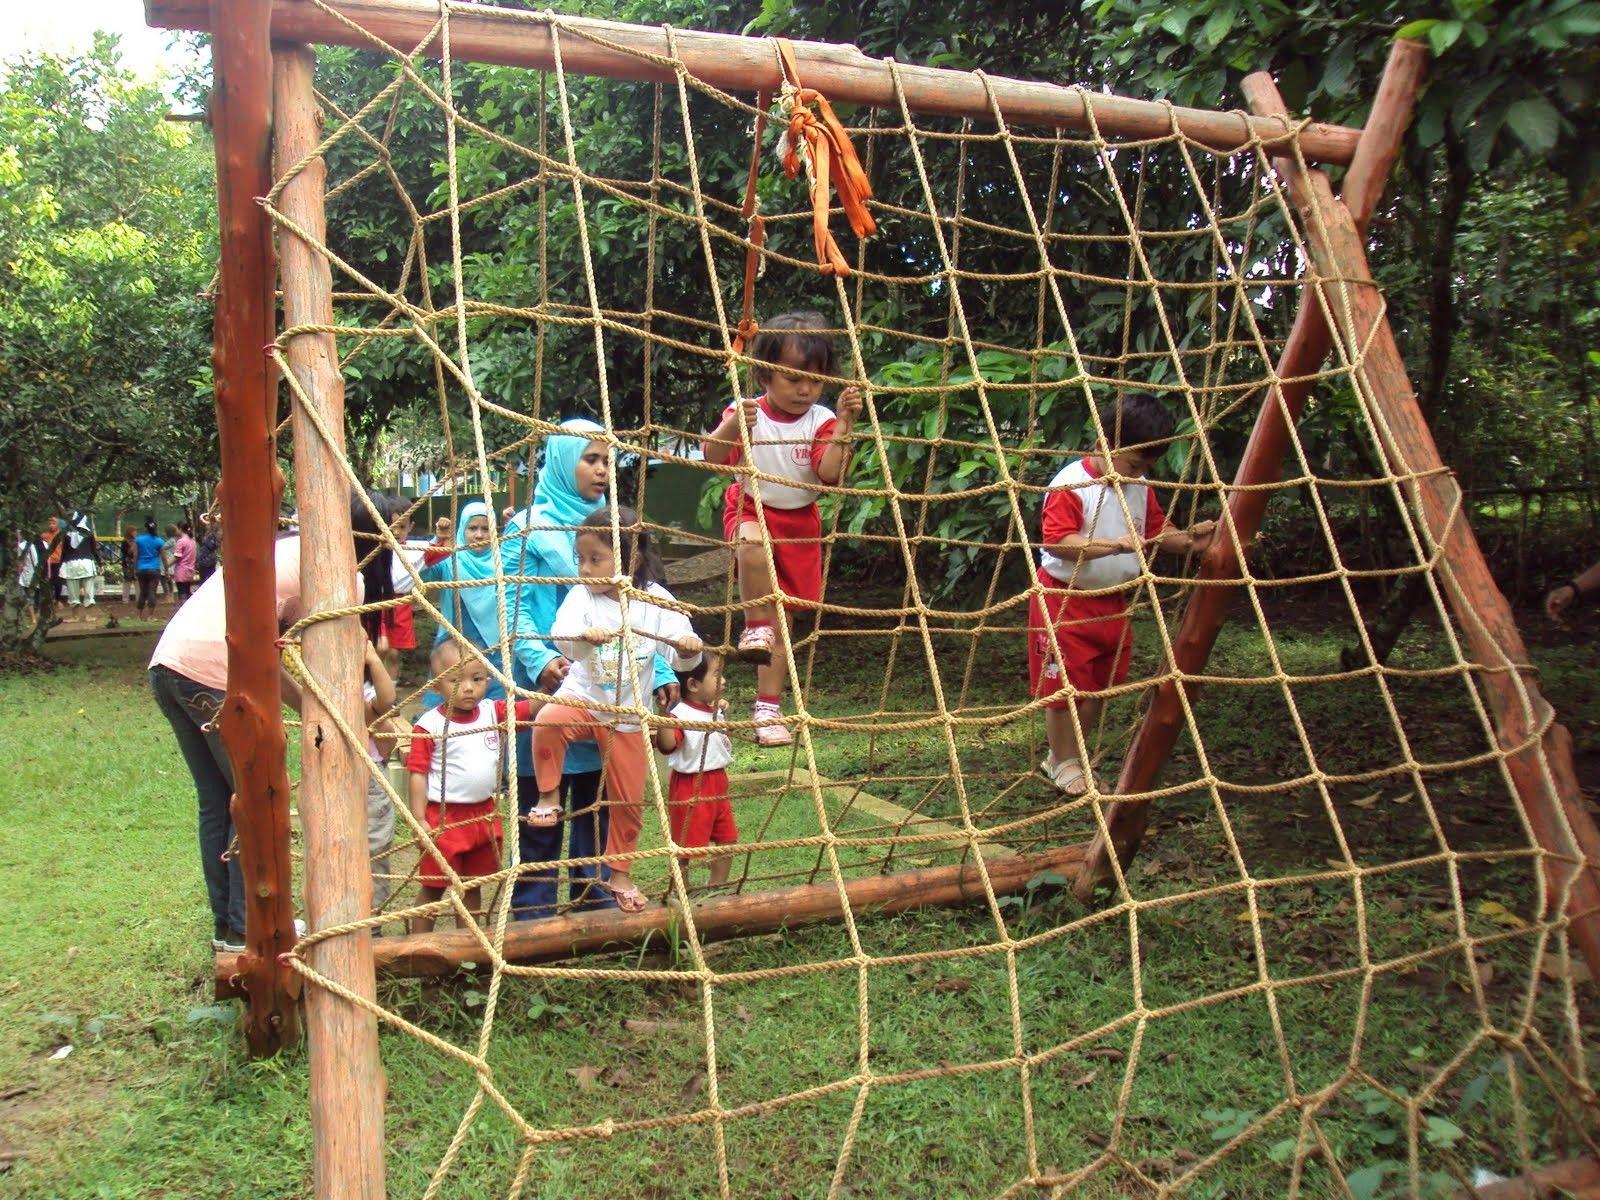 Jaring Anak-Anak, Supplier dan Distributor Pusat Grosir Jual Jaring Pengaman Proyek